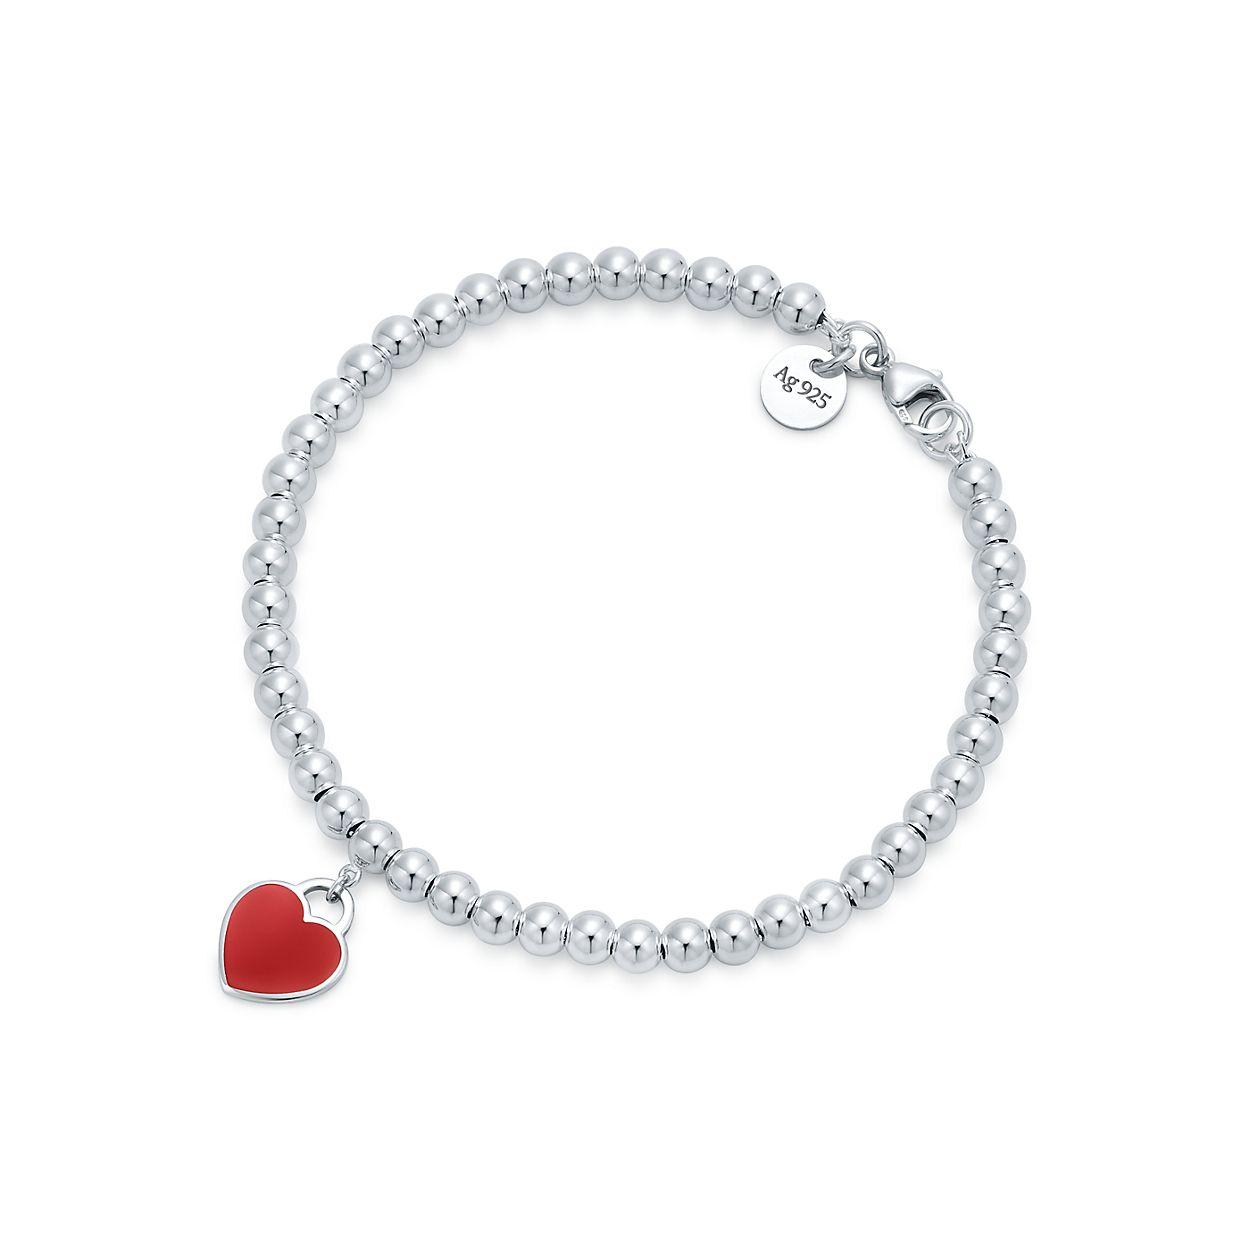 Bead Bracelet In Silver With Red Enamel